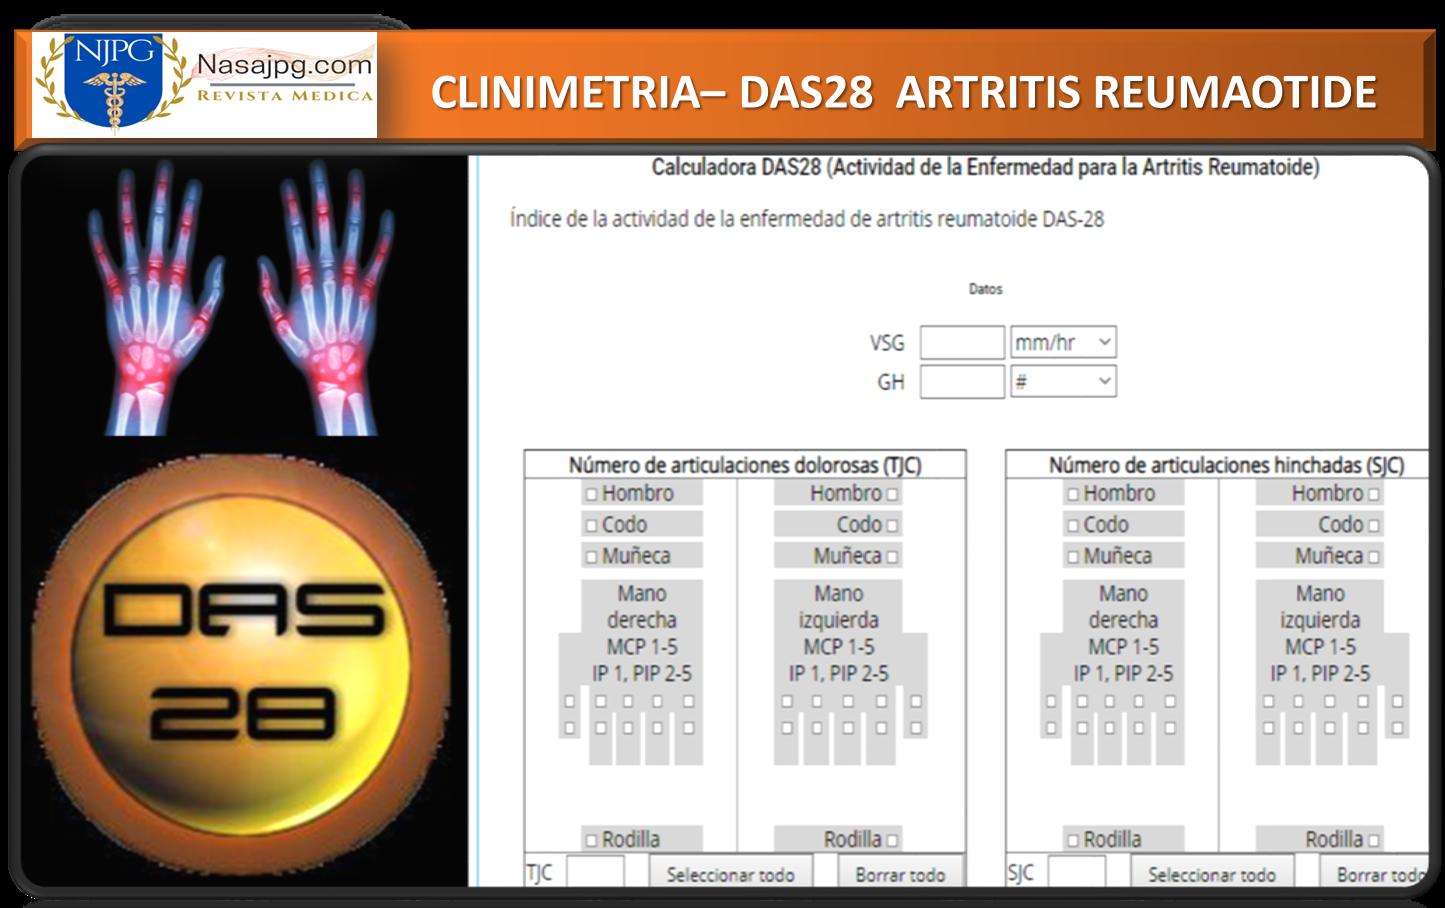 Calculadora DAS28 (Actividad de la Enfermedad para la Artritis Reumatoide)